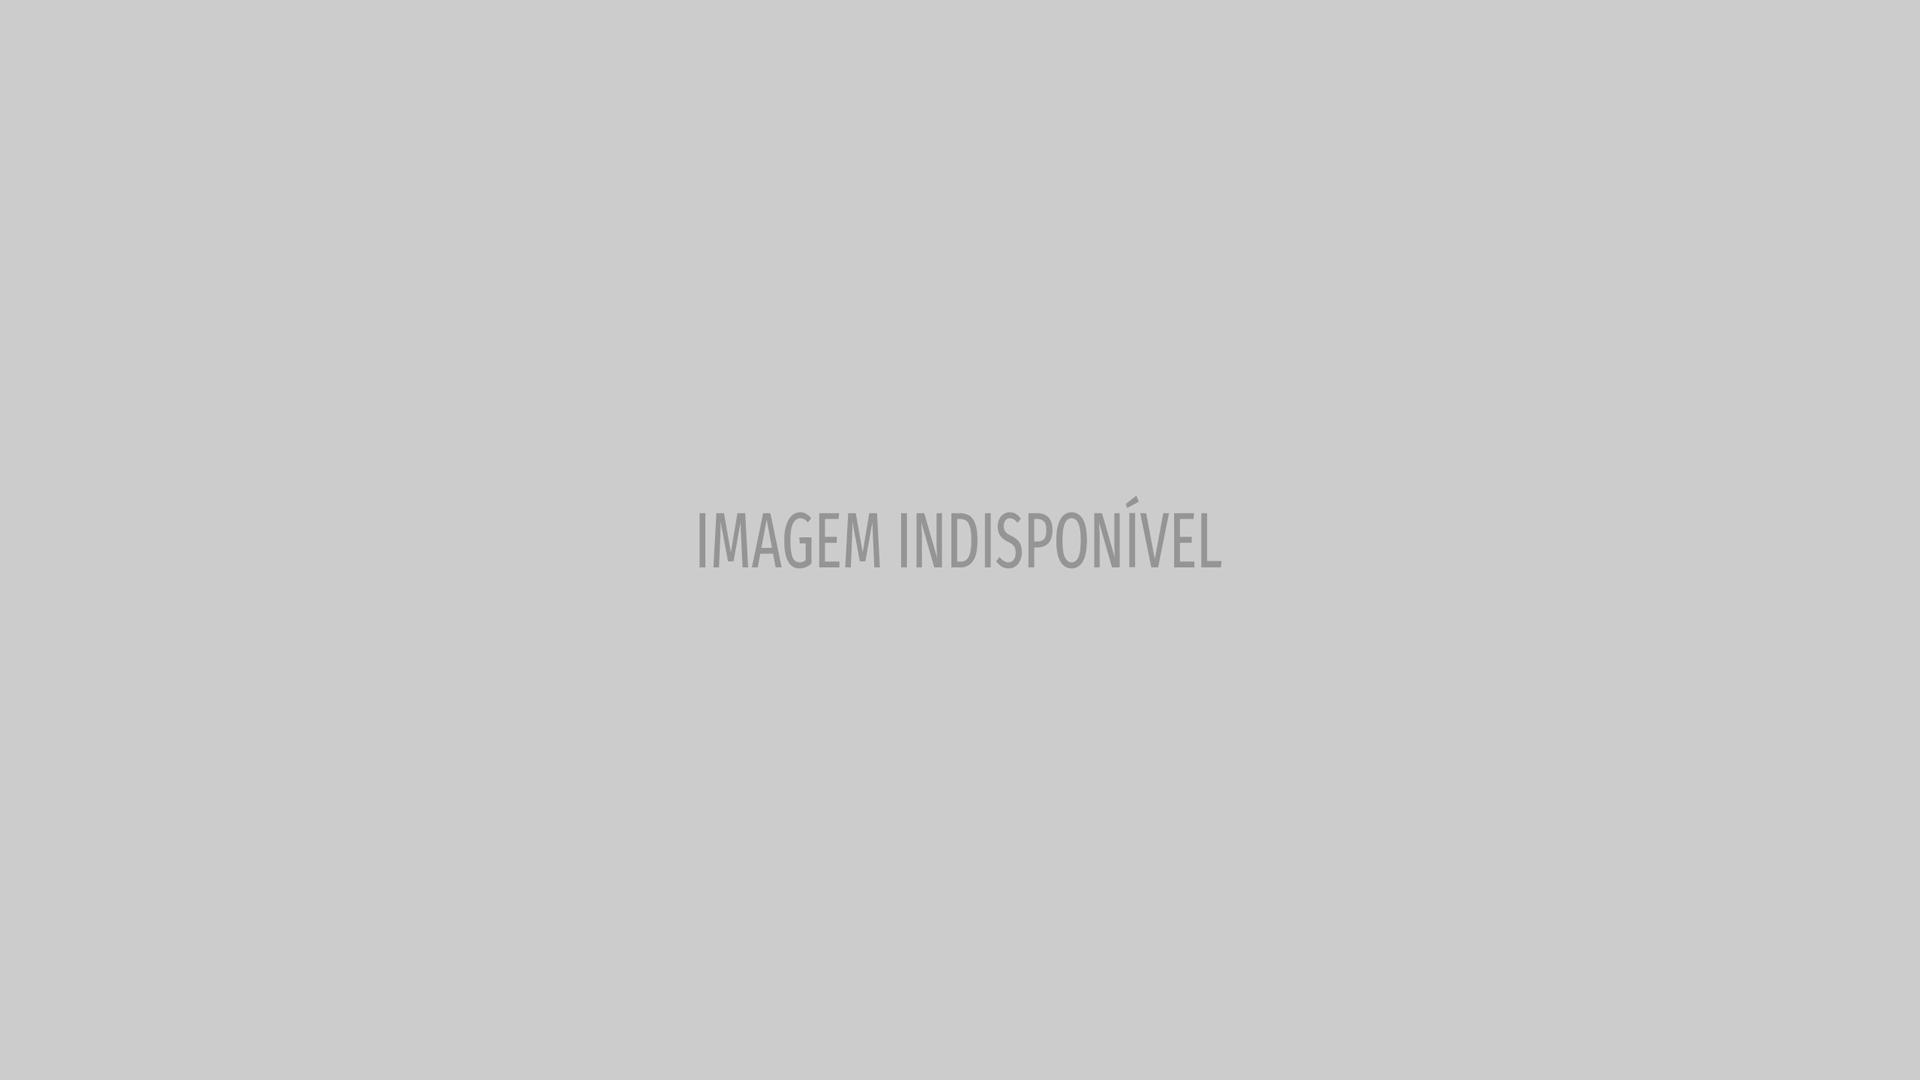 Aurelia pediu eutanásia, aos 29 anos, por causa de problemas psicológicos